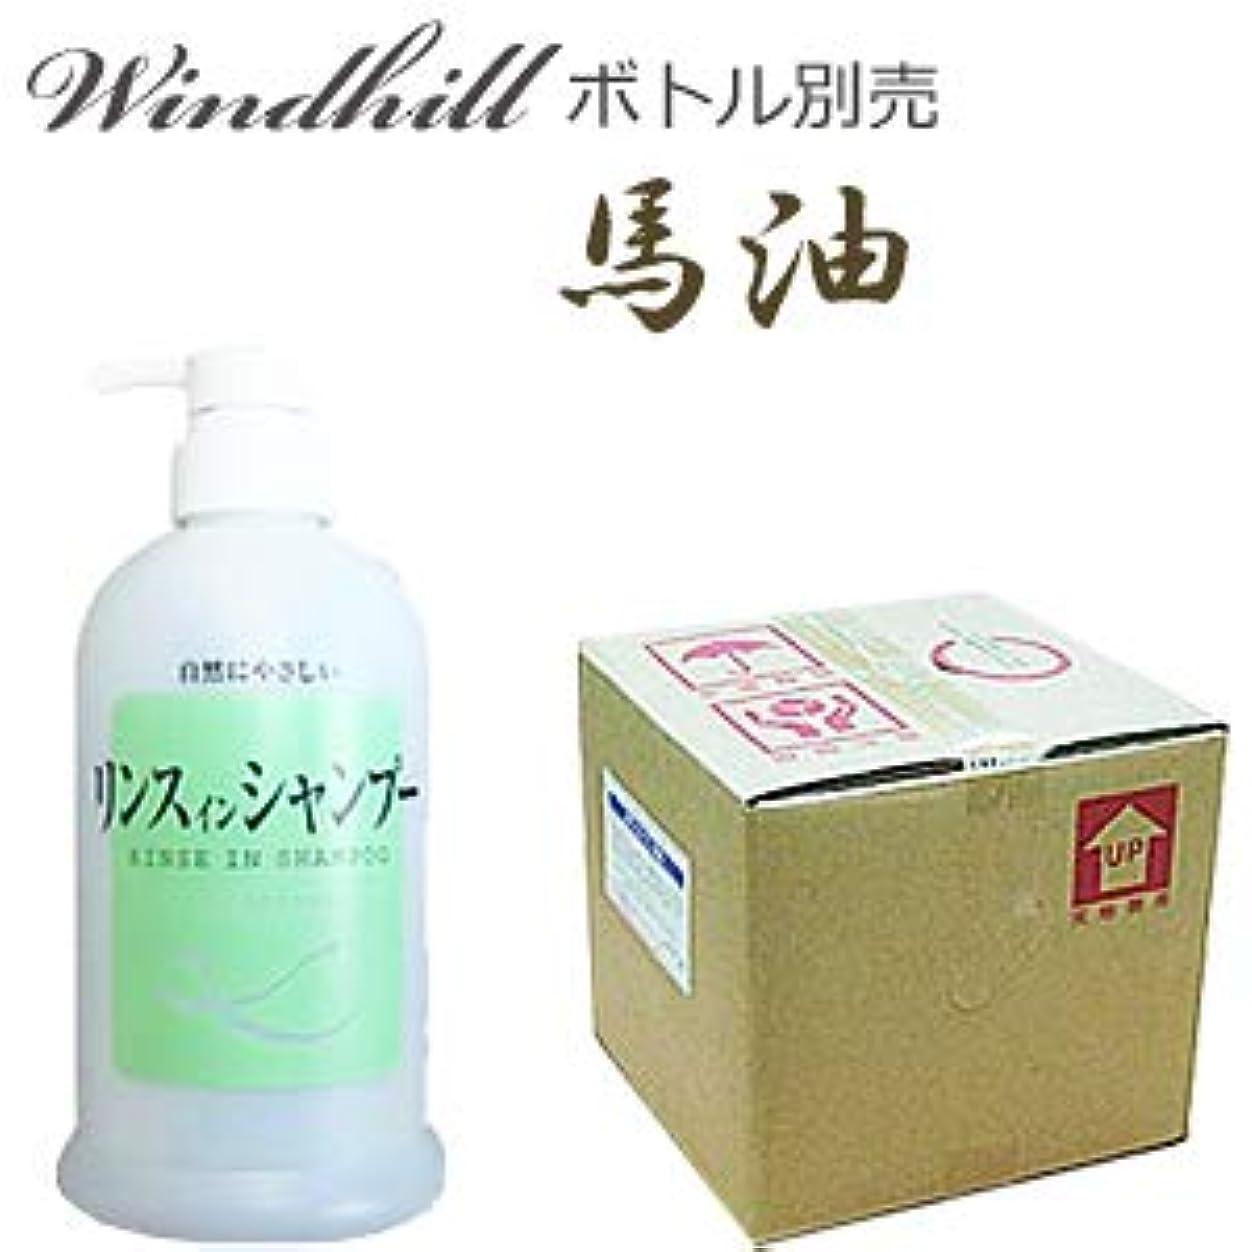 自殺変える動物Windhill 馬油 業務用 リンスイン シャンプー フローラルの香り 20L